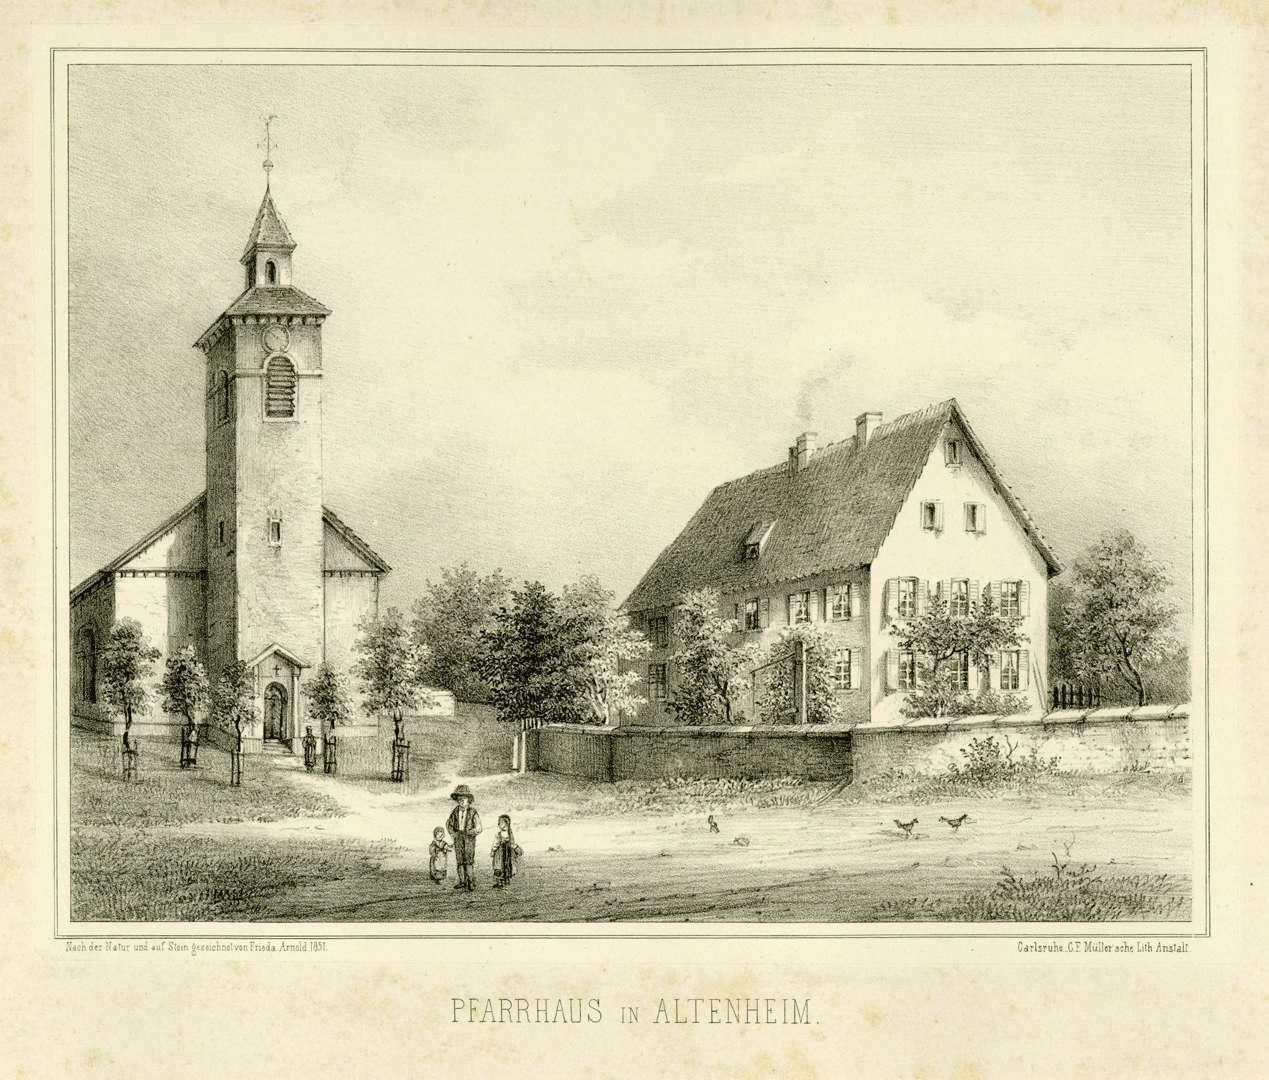 Pfarrhaus in Altenheim, Bild 1